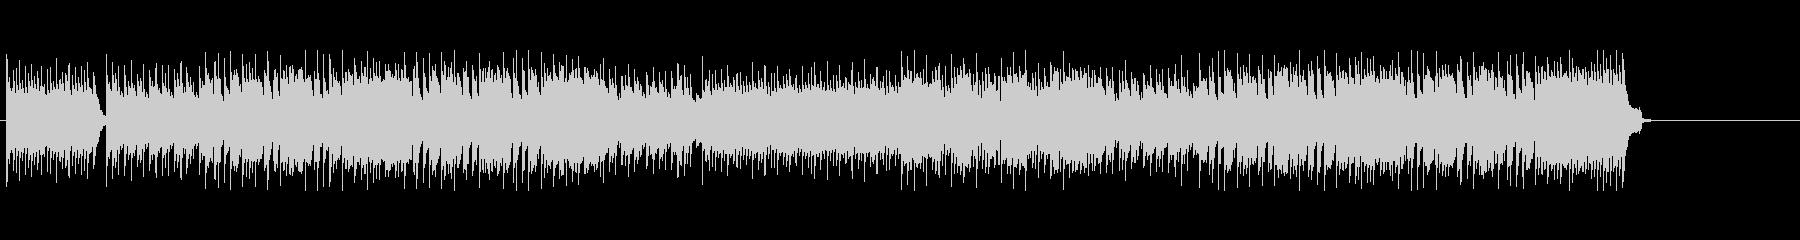 ゲーム クイズ 子供 ペット 電子音の未再生の波形